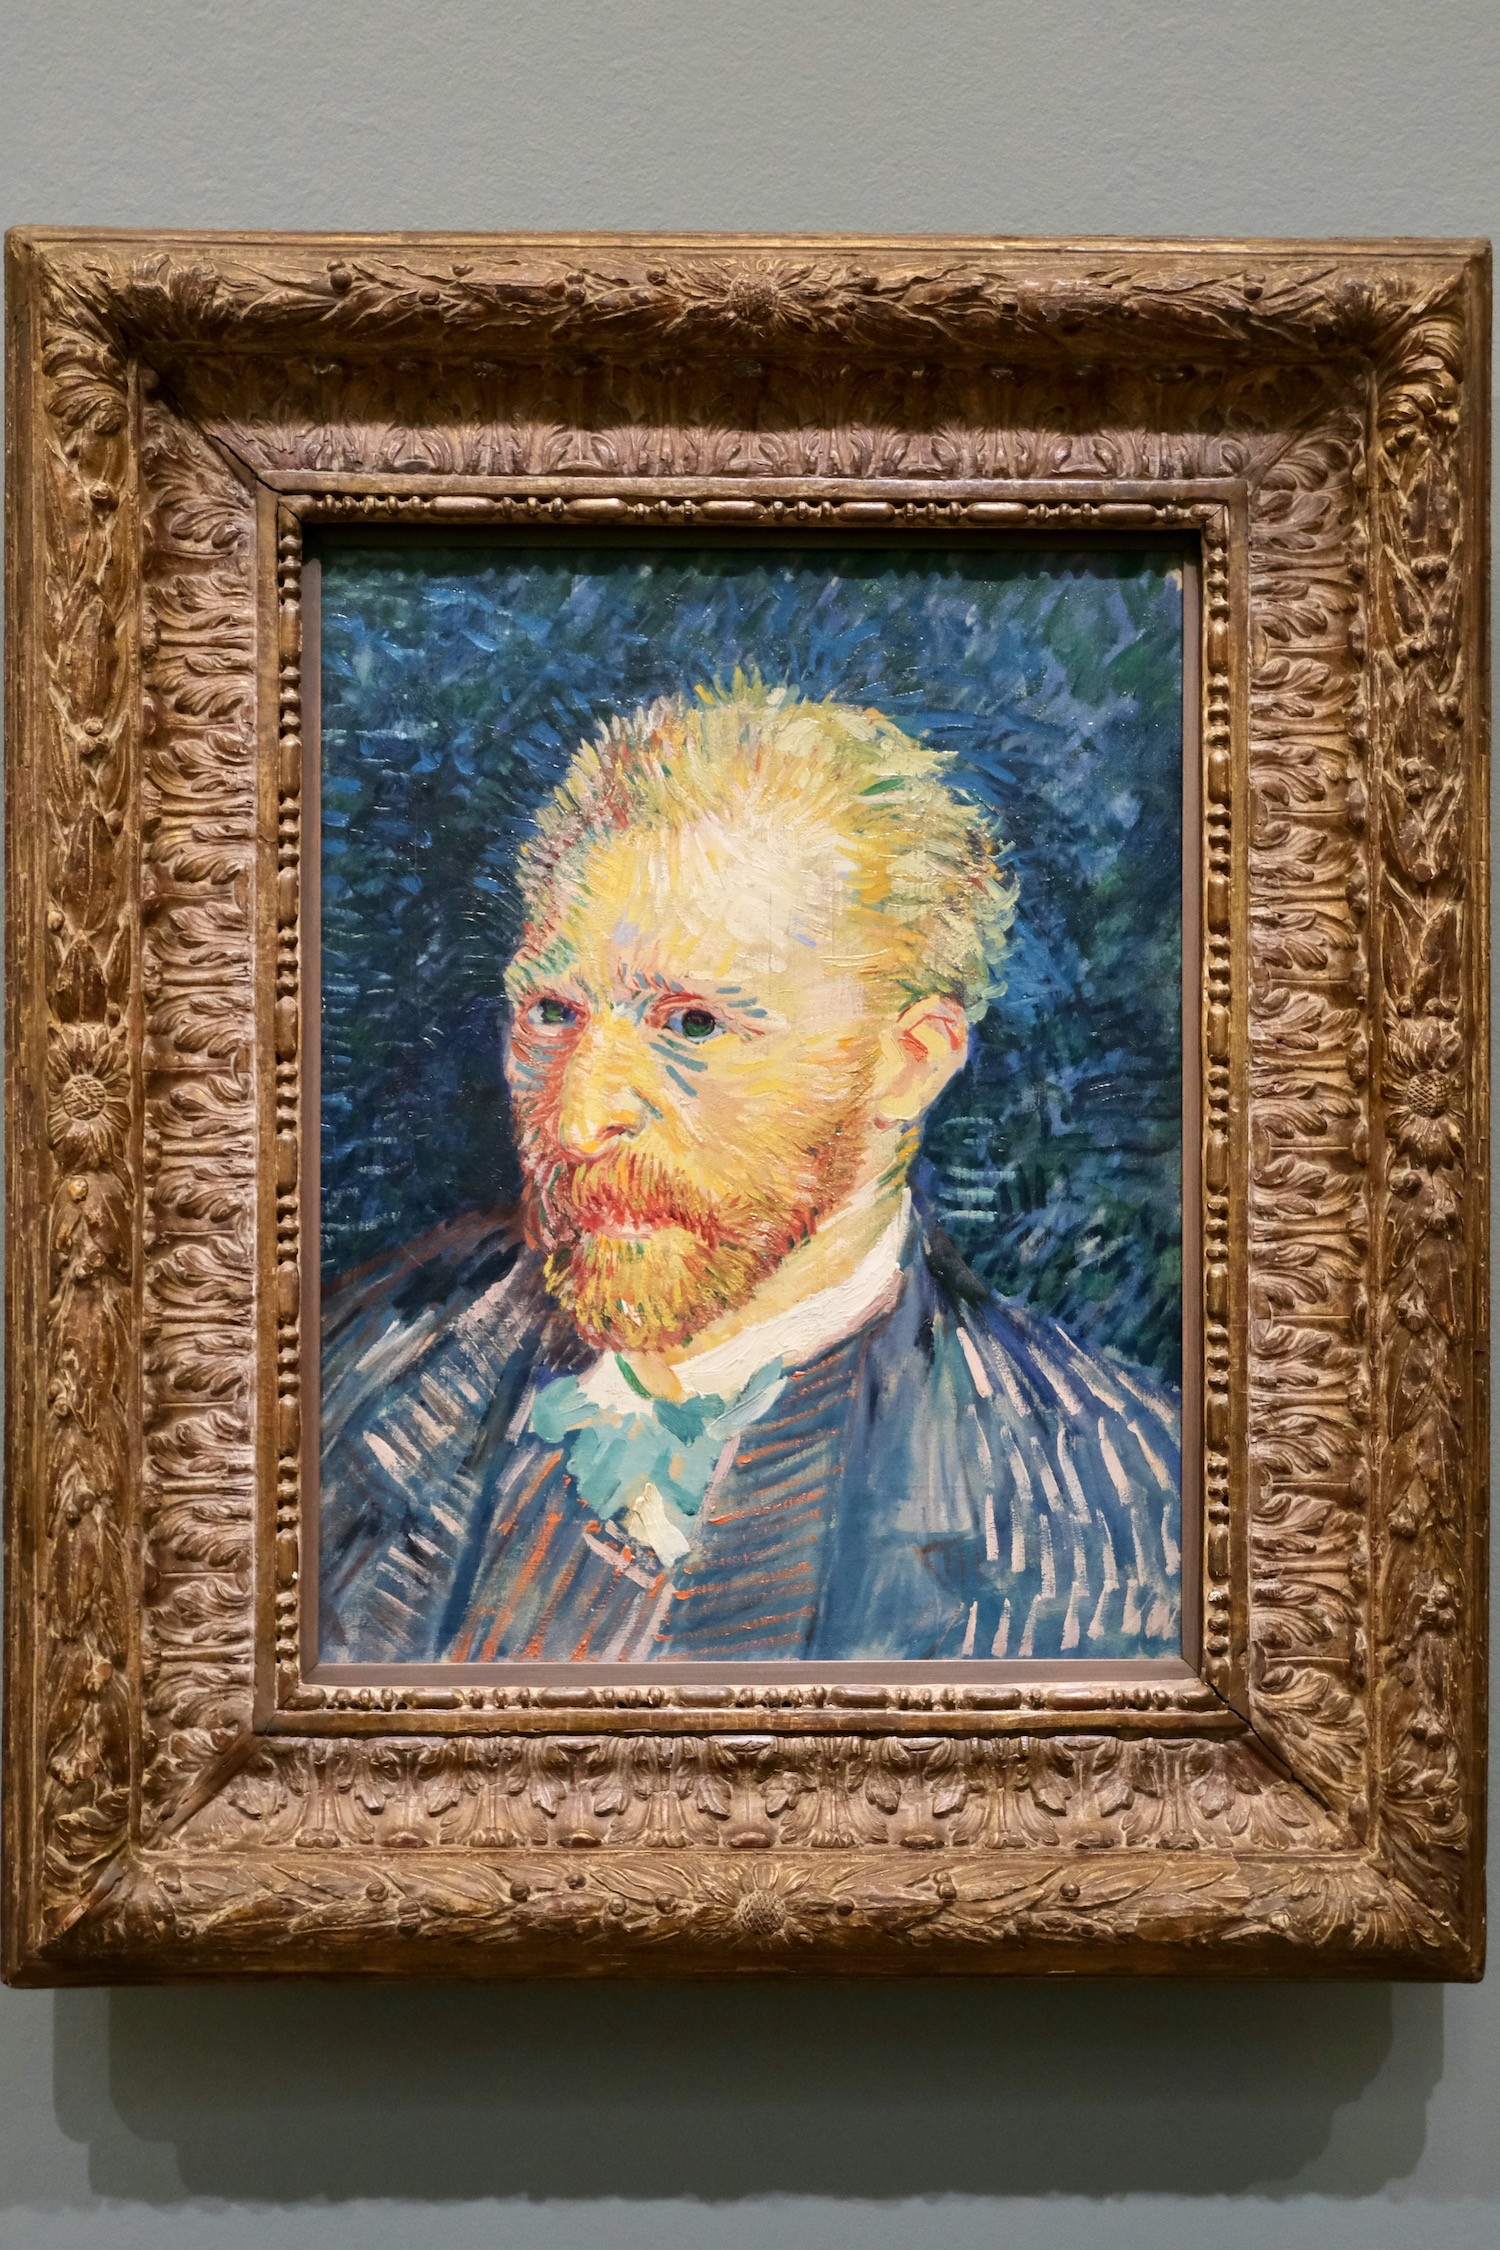 Van Gogh post-impressionism self-portrait Musée d'Orsay